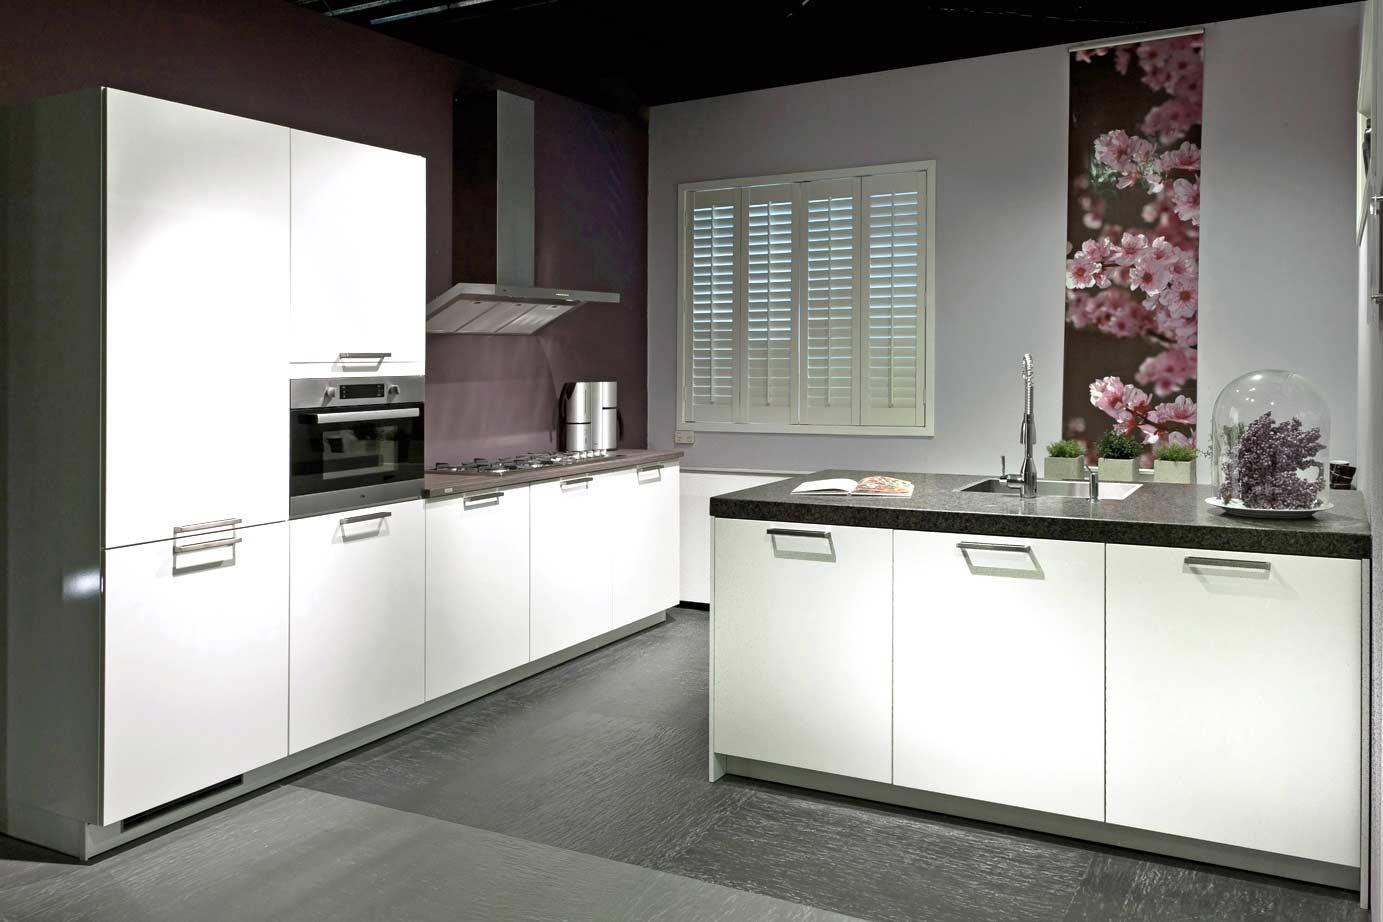 Wandtegels Keuken Voorbeelden : Moderne keukens. onderscheid jezelf met strak design. db keukens